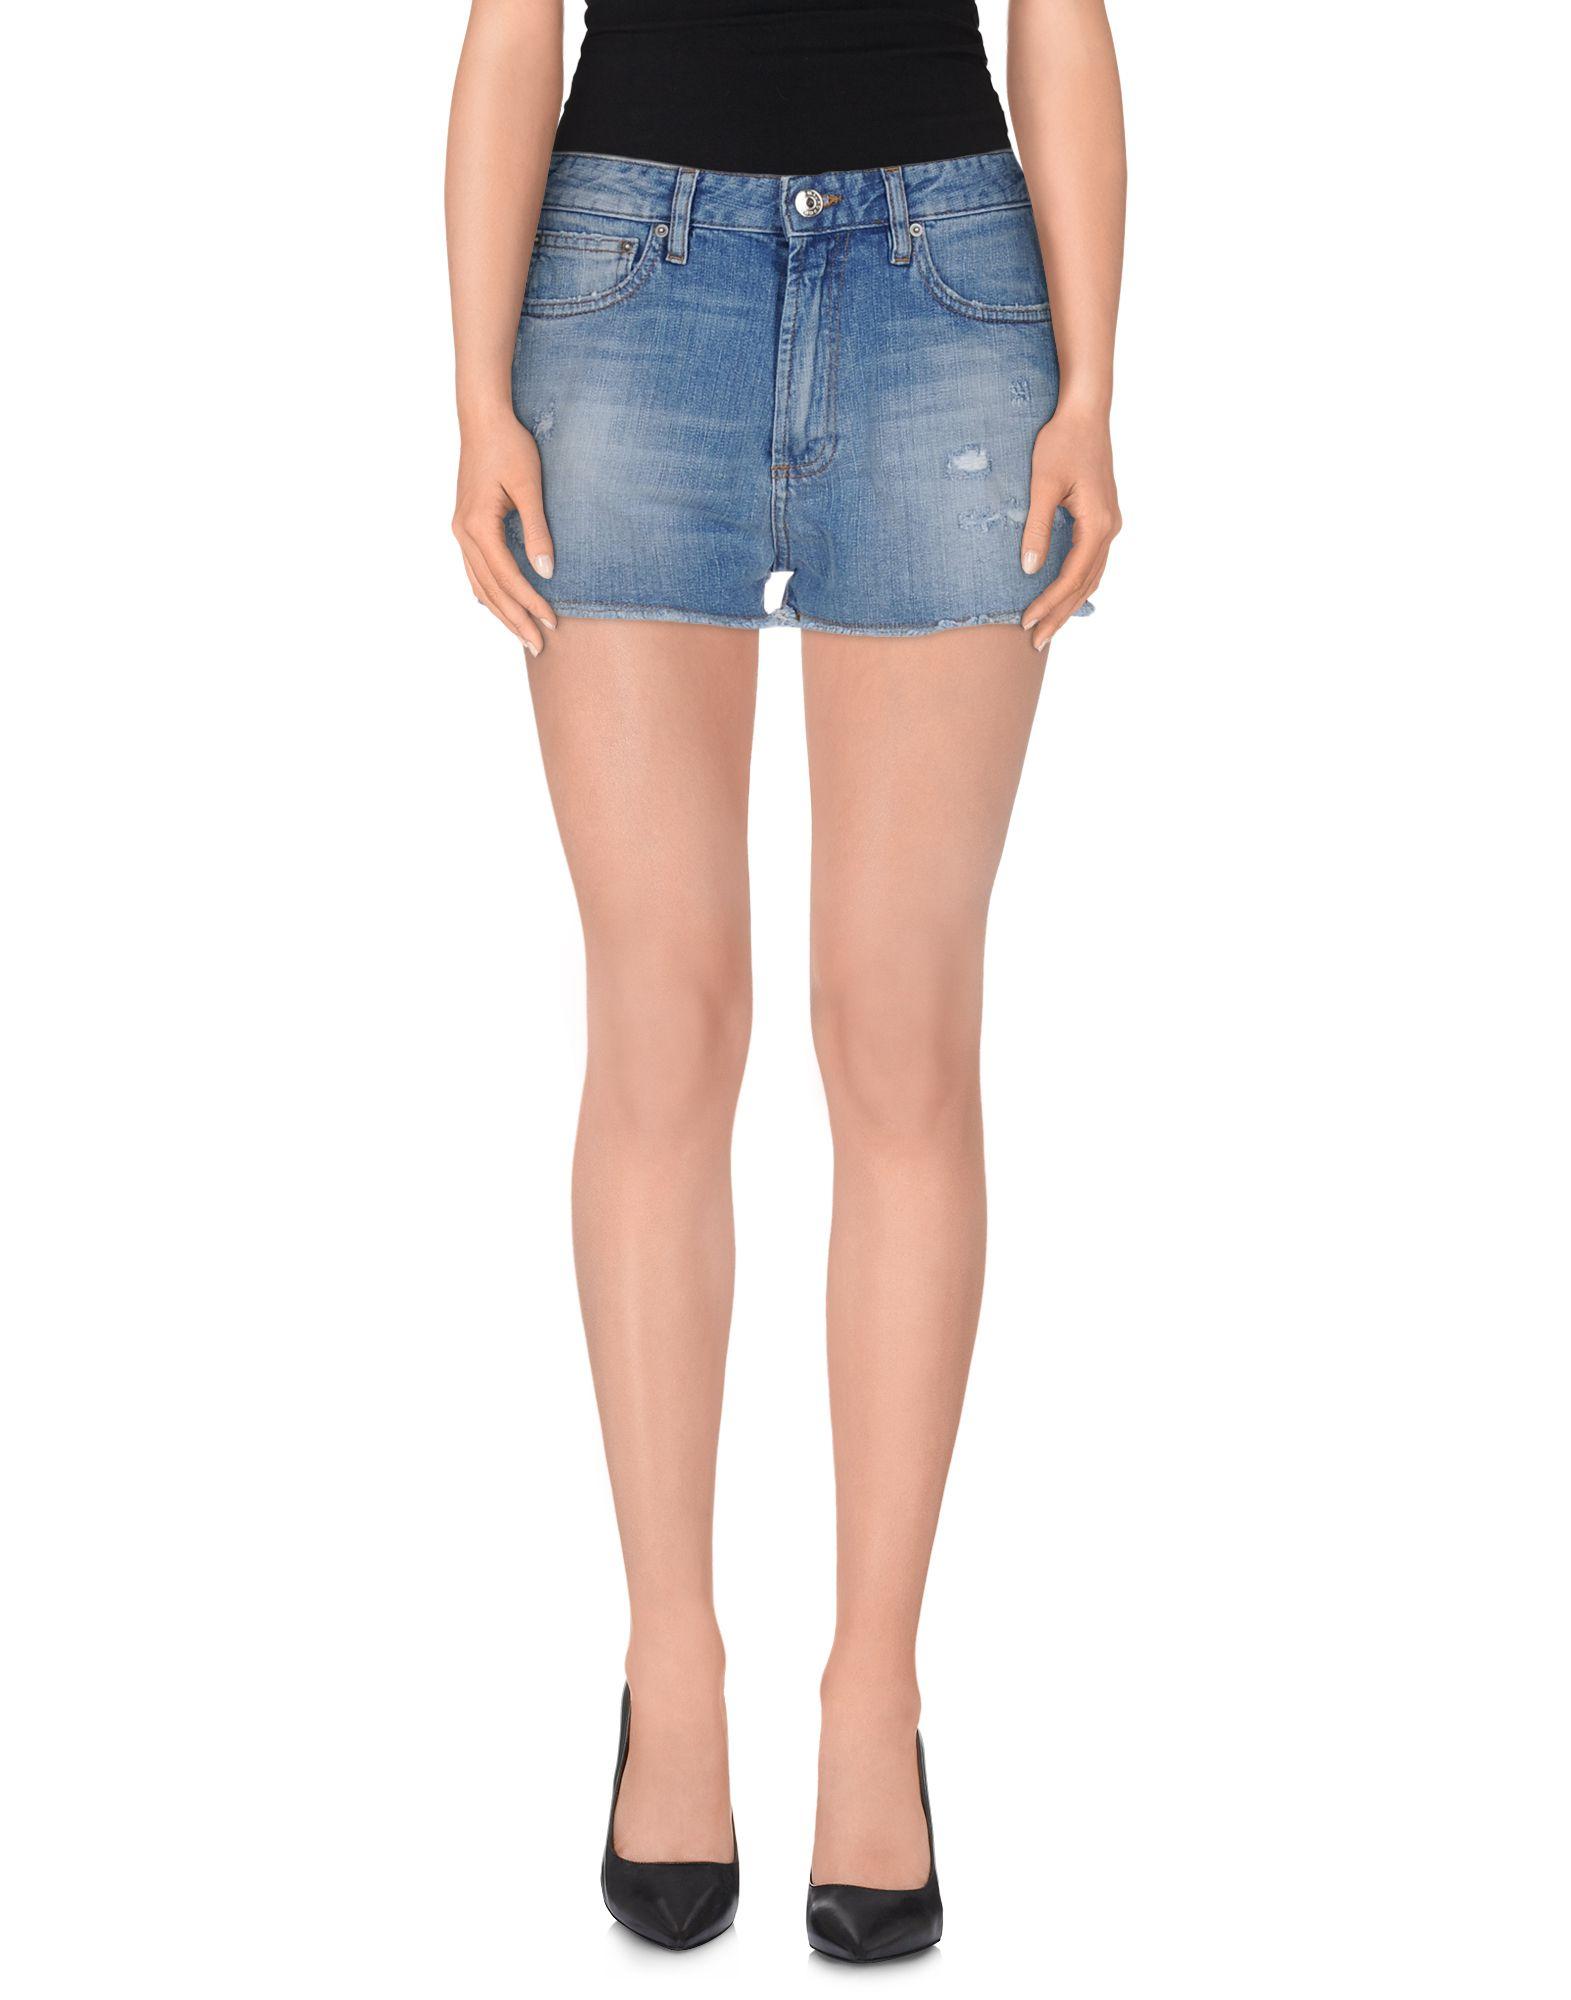 все цены на MAURO GRIFONI Джинсовые шорты в интернете